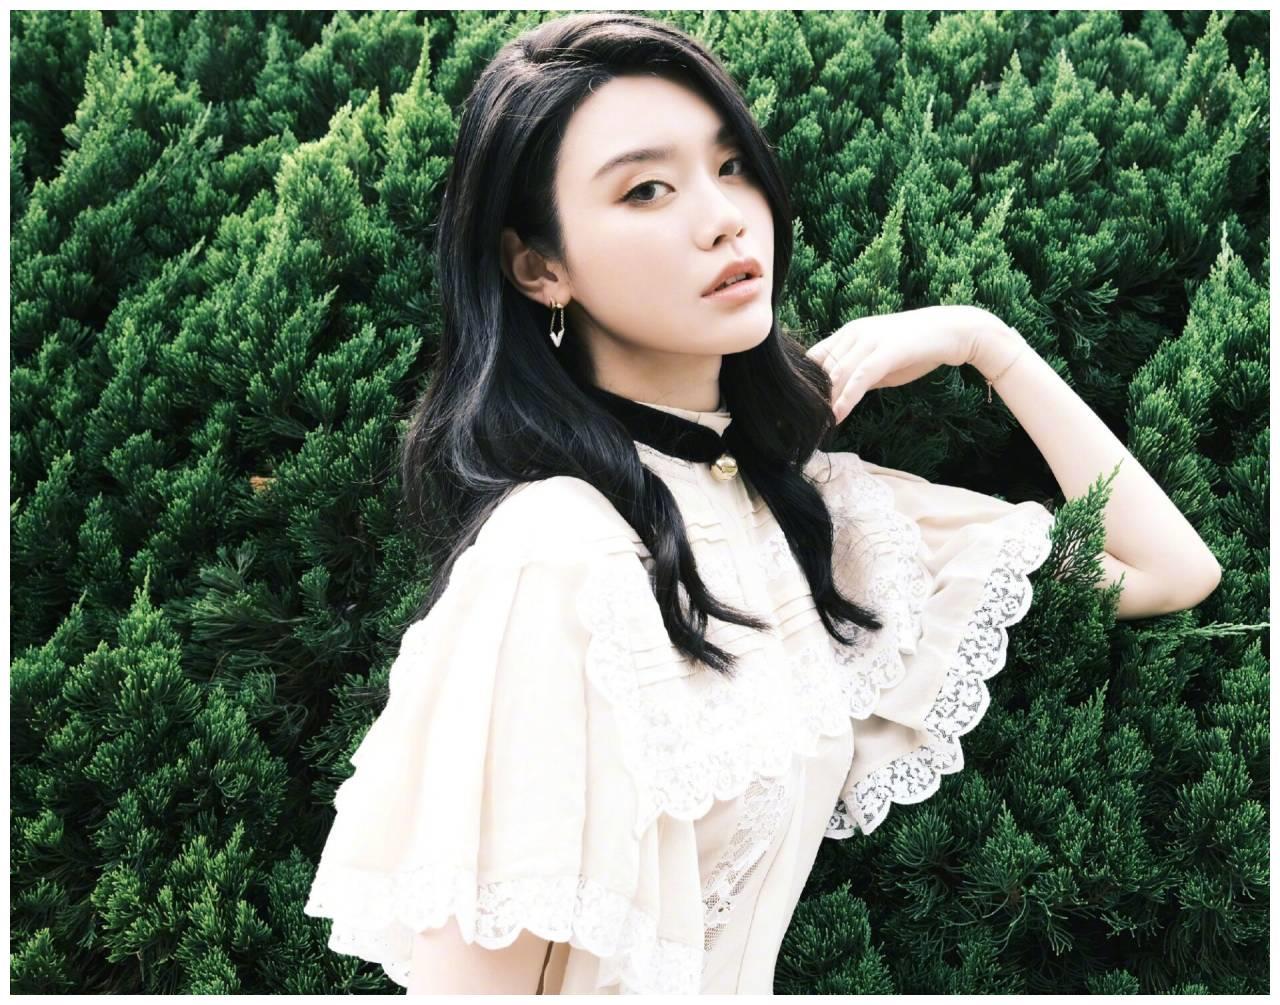 八卦爆料:李沁,奚梦瑶,陈翔,陈思诚佟丽娅